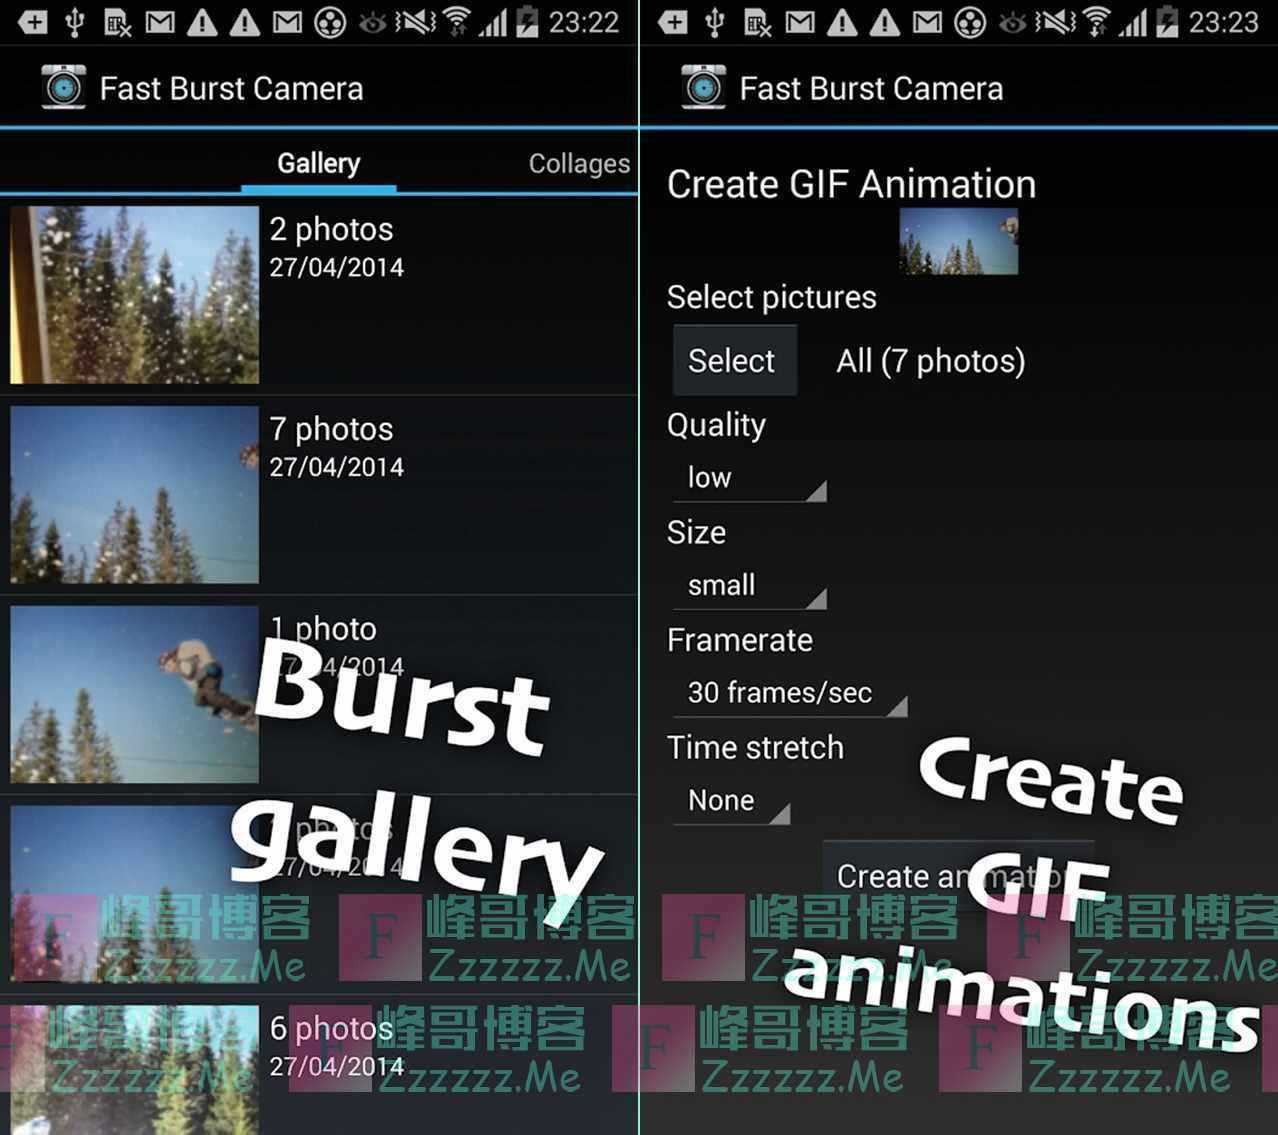 安卓Fast Burst Camera 快速连拍相机V8.0.7最新版下载